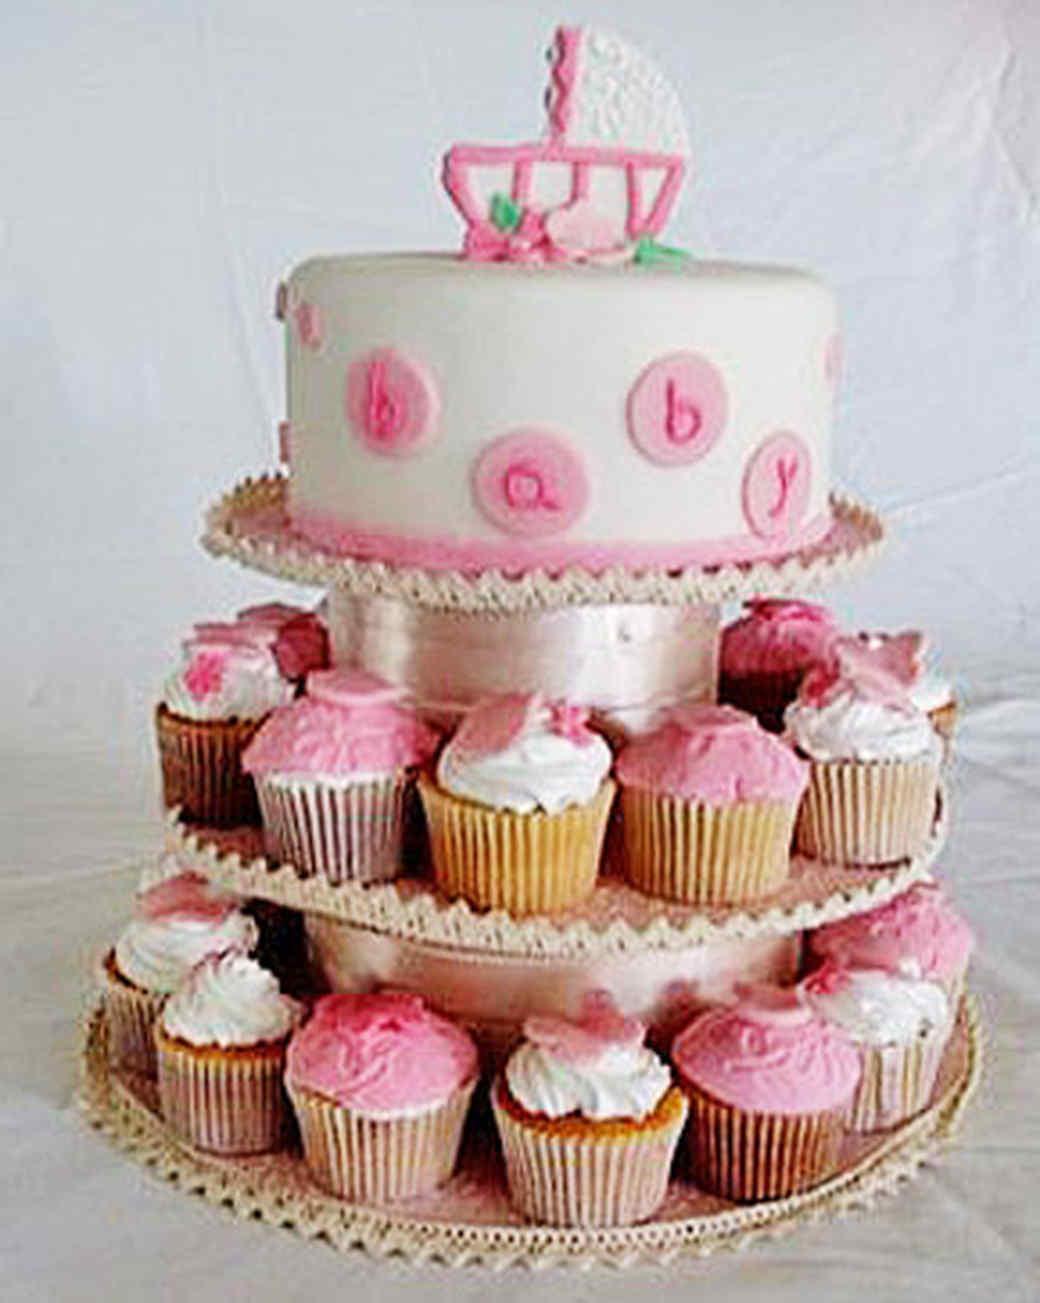 cupcakes_ori53326.jpg